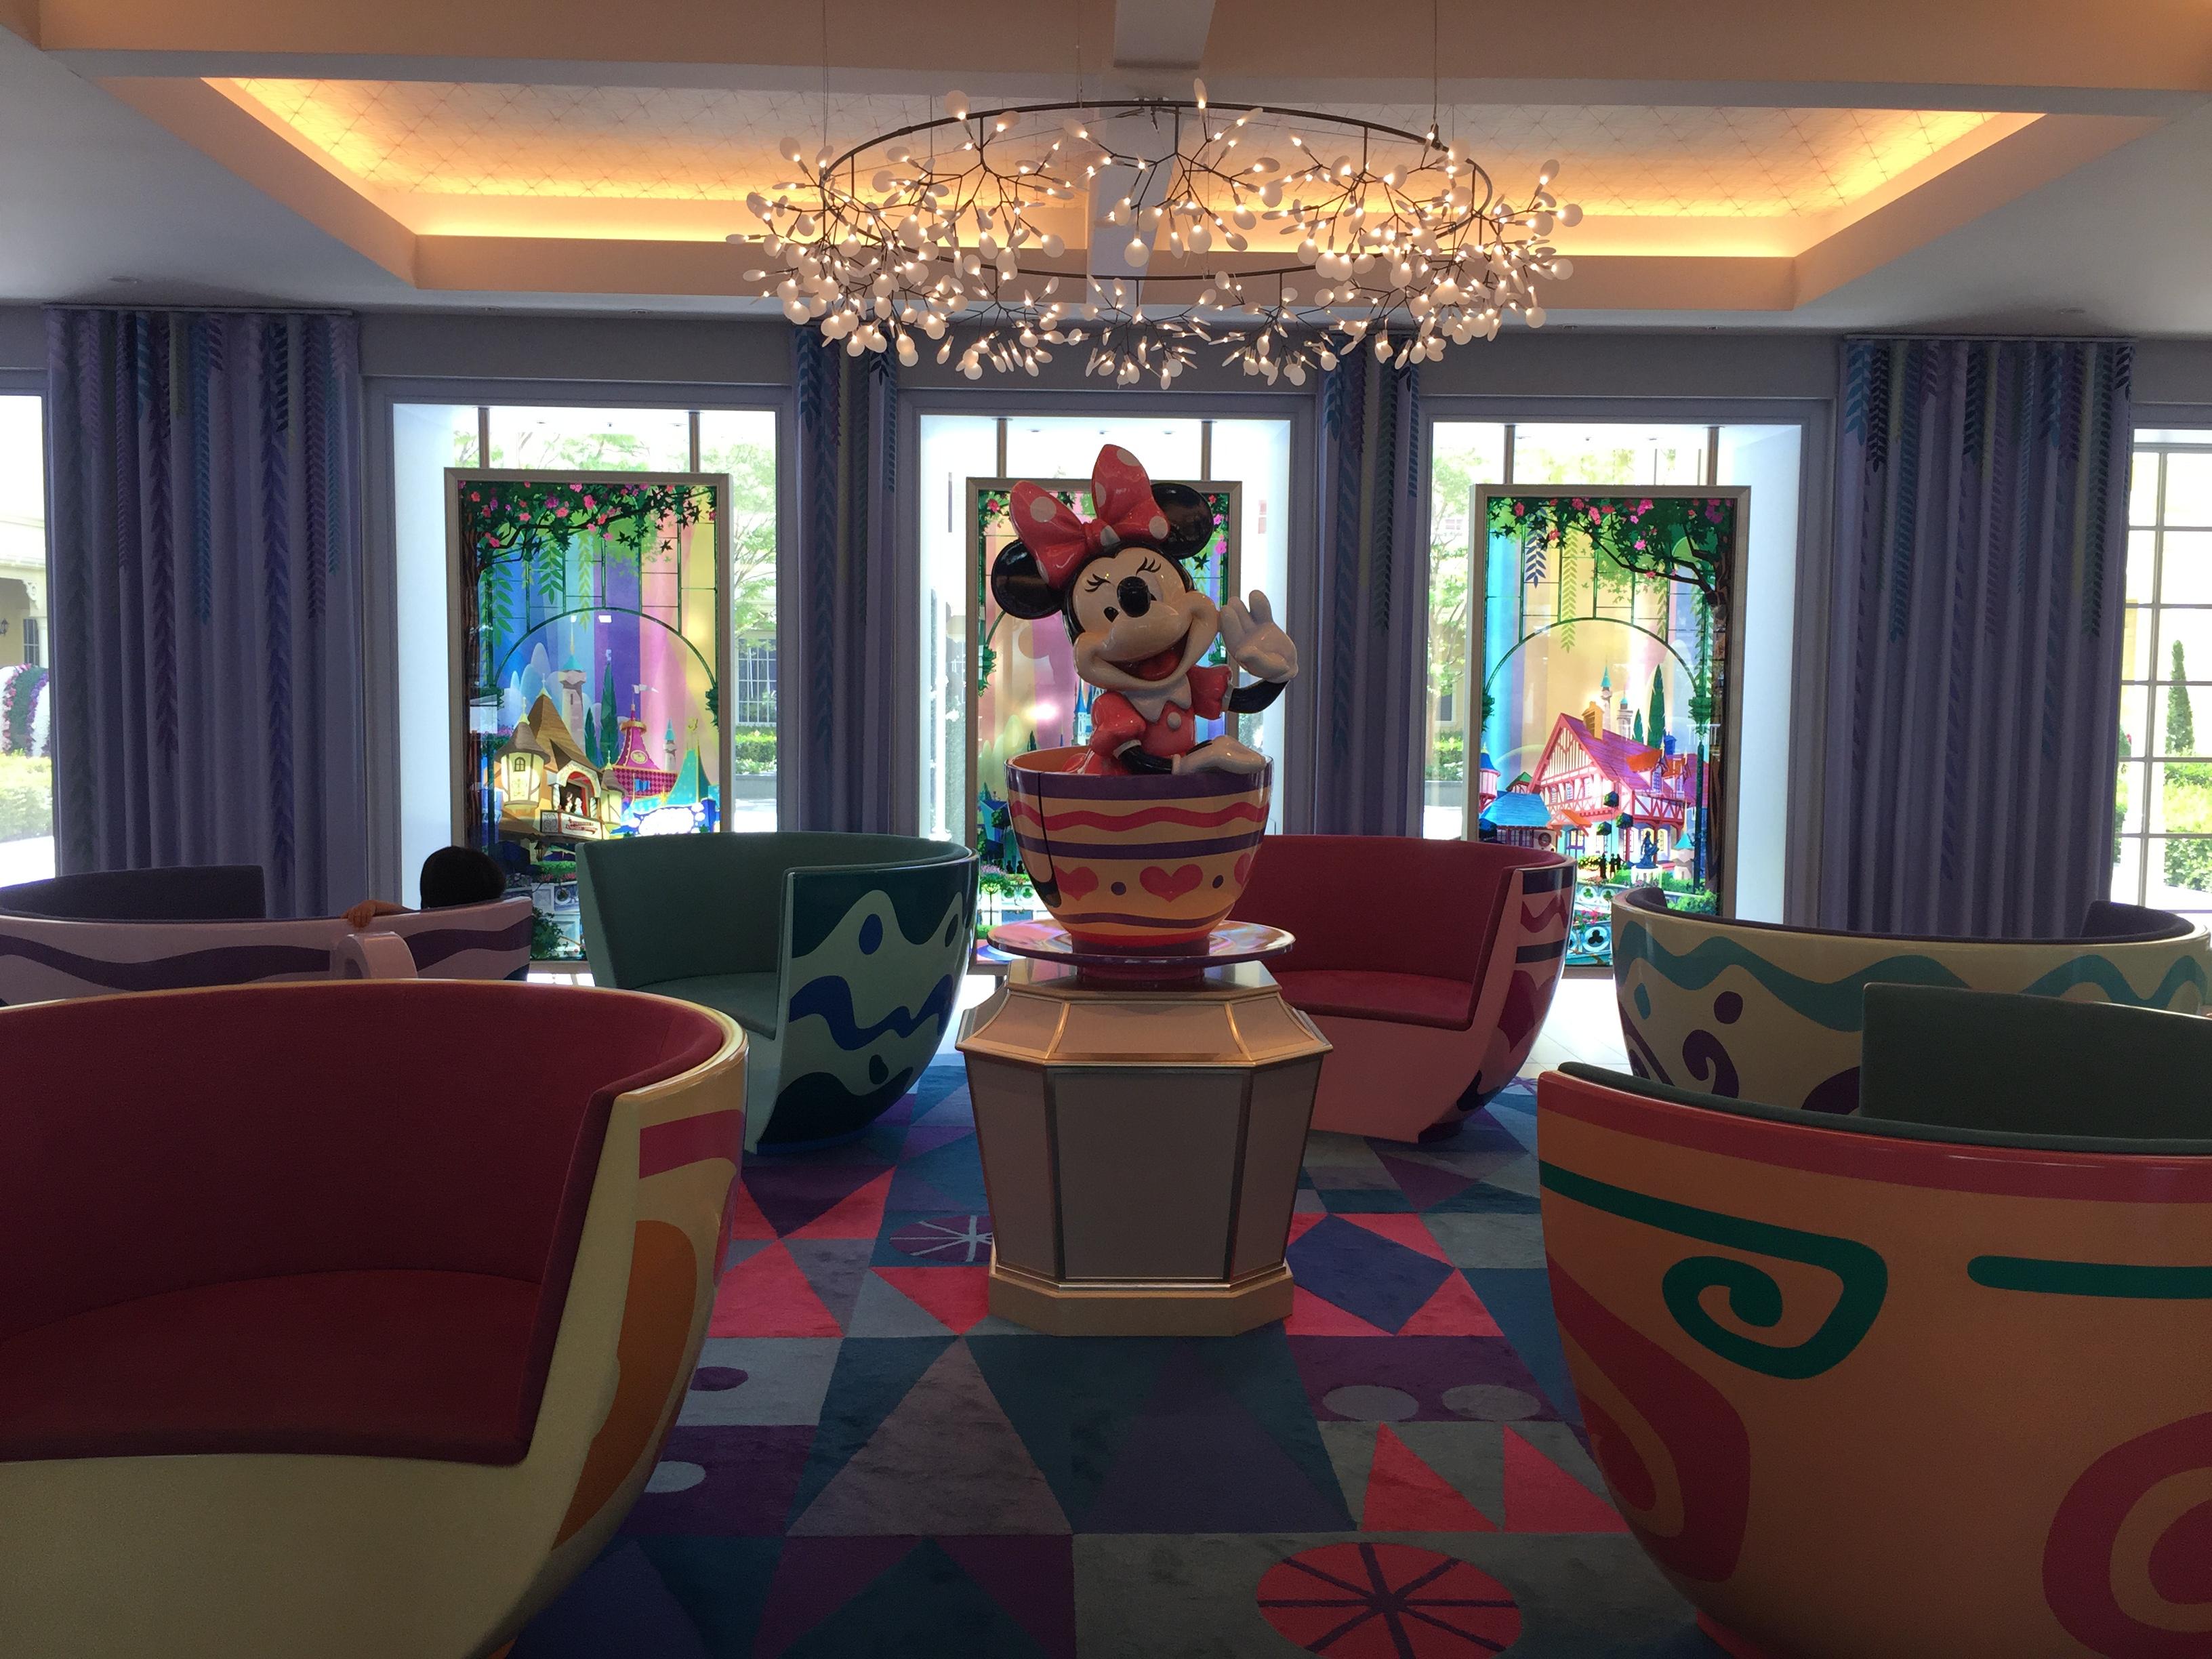 東京ディズニーセレブレーションホテル(r)は口コミで叩かれているが